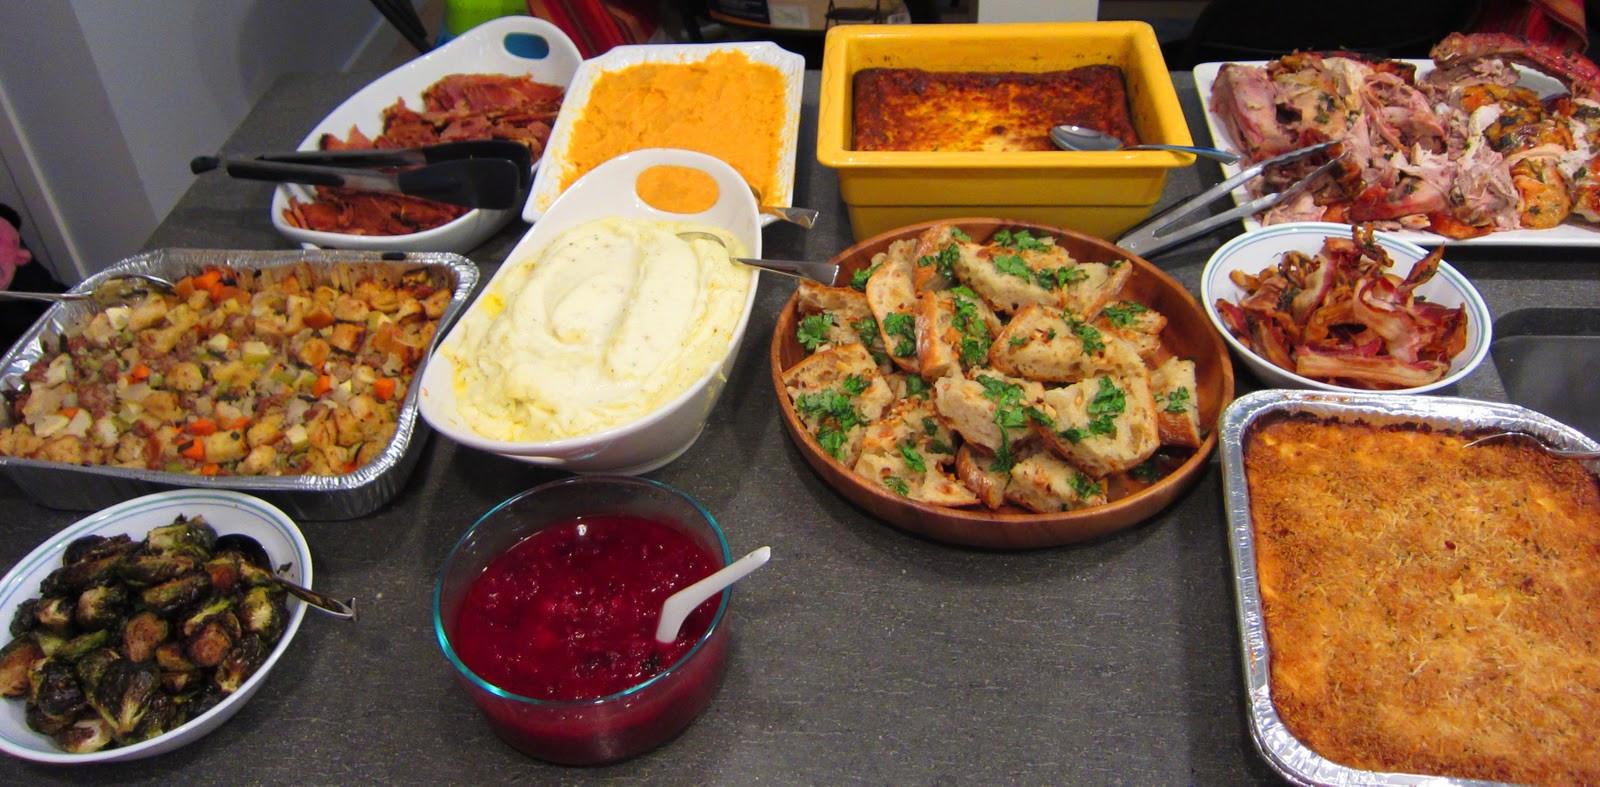 Ideas For Thanksgiving Dinner  Tasty Eating Thanksgiving Dinner